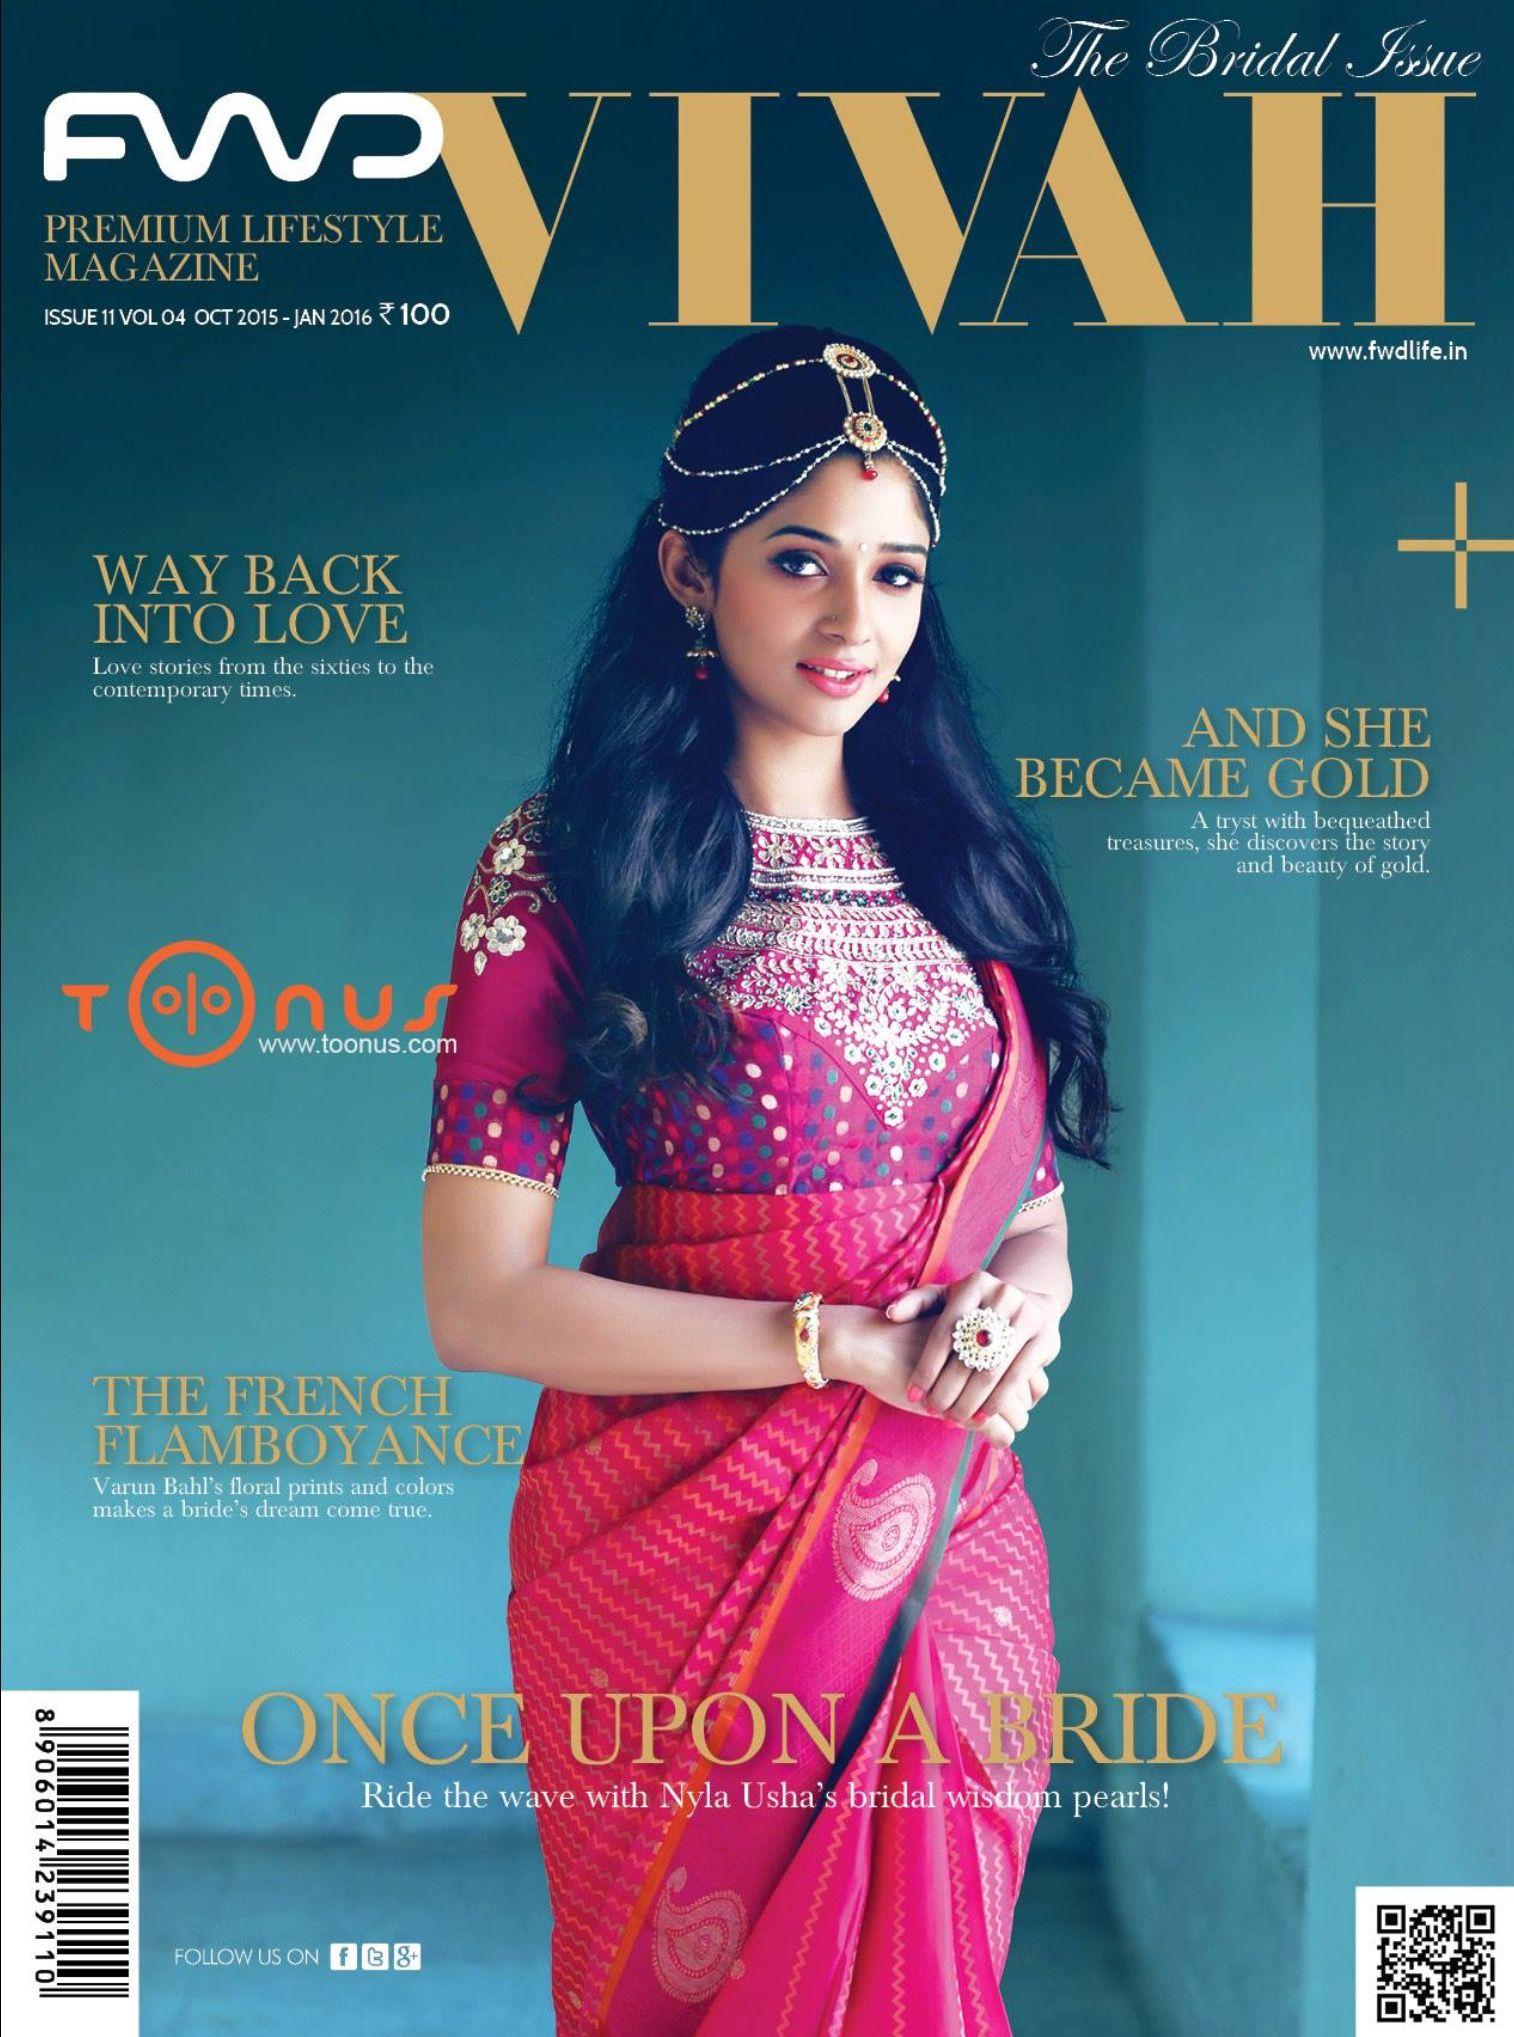 32dc808e91243 Nyla Usha for FWD Vivah Bridal Issue Magazine